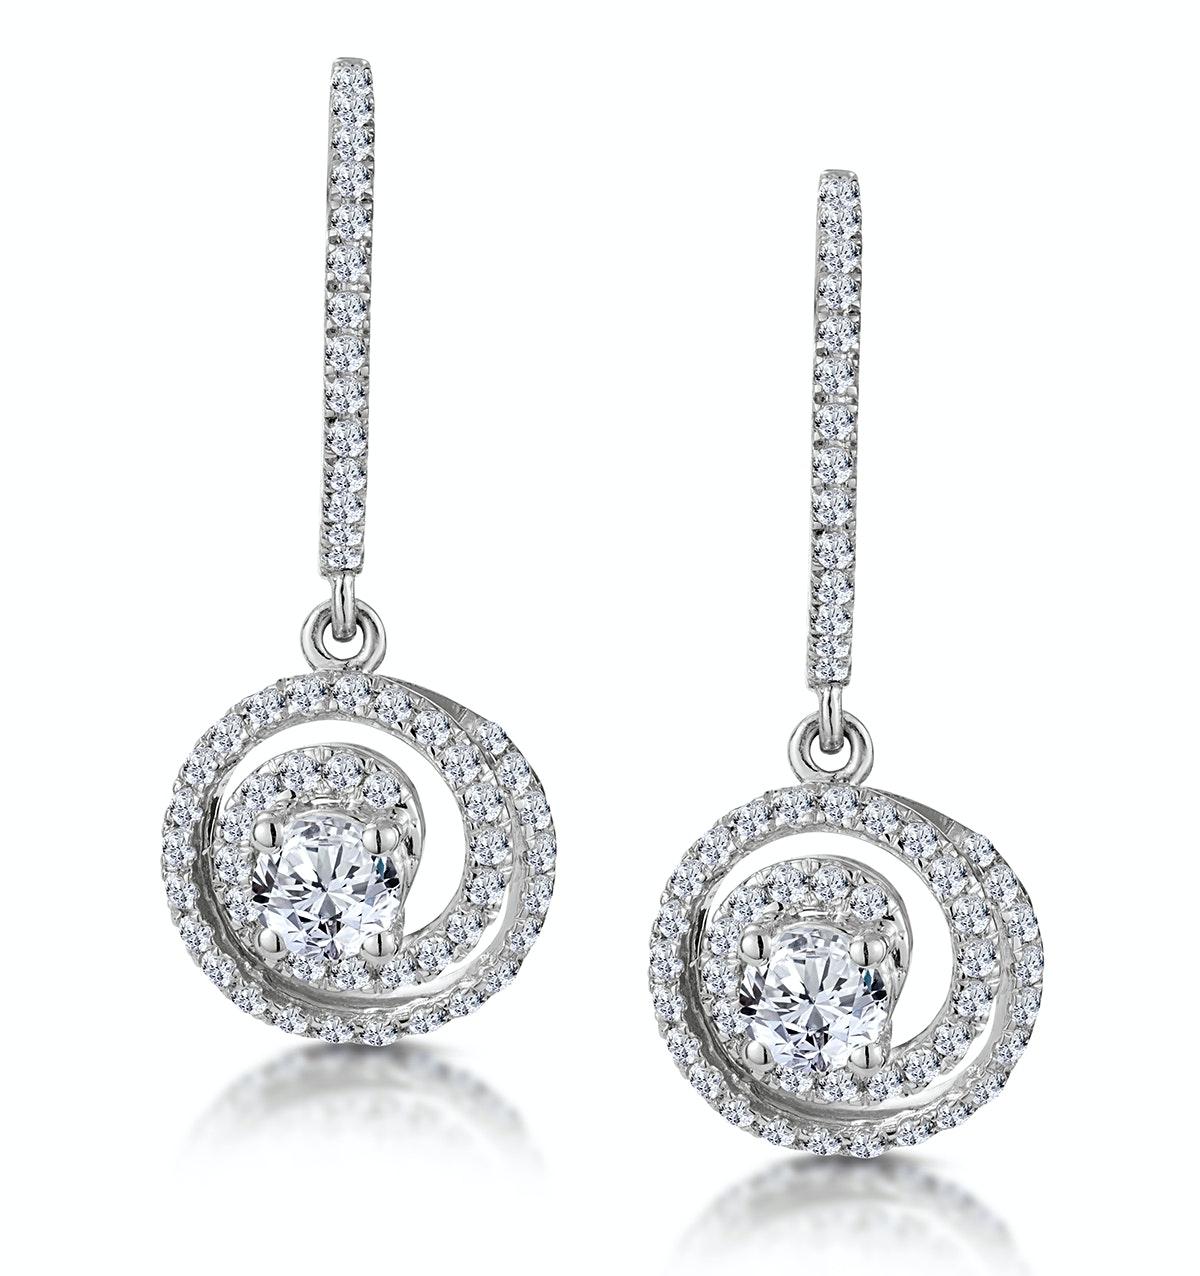 Diamond Swirl Drop Earrings 0.65ct Set in 18K White Gold